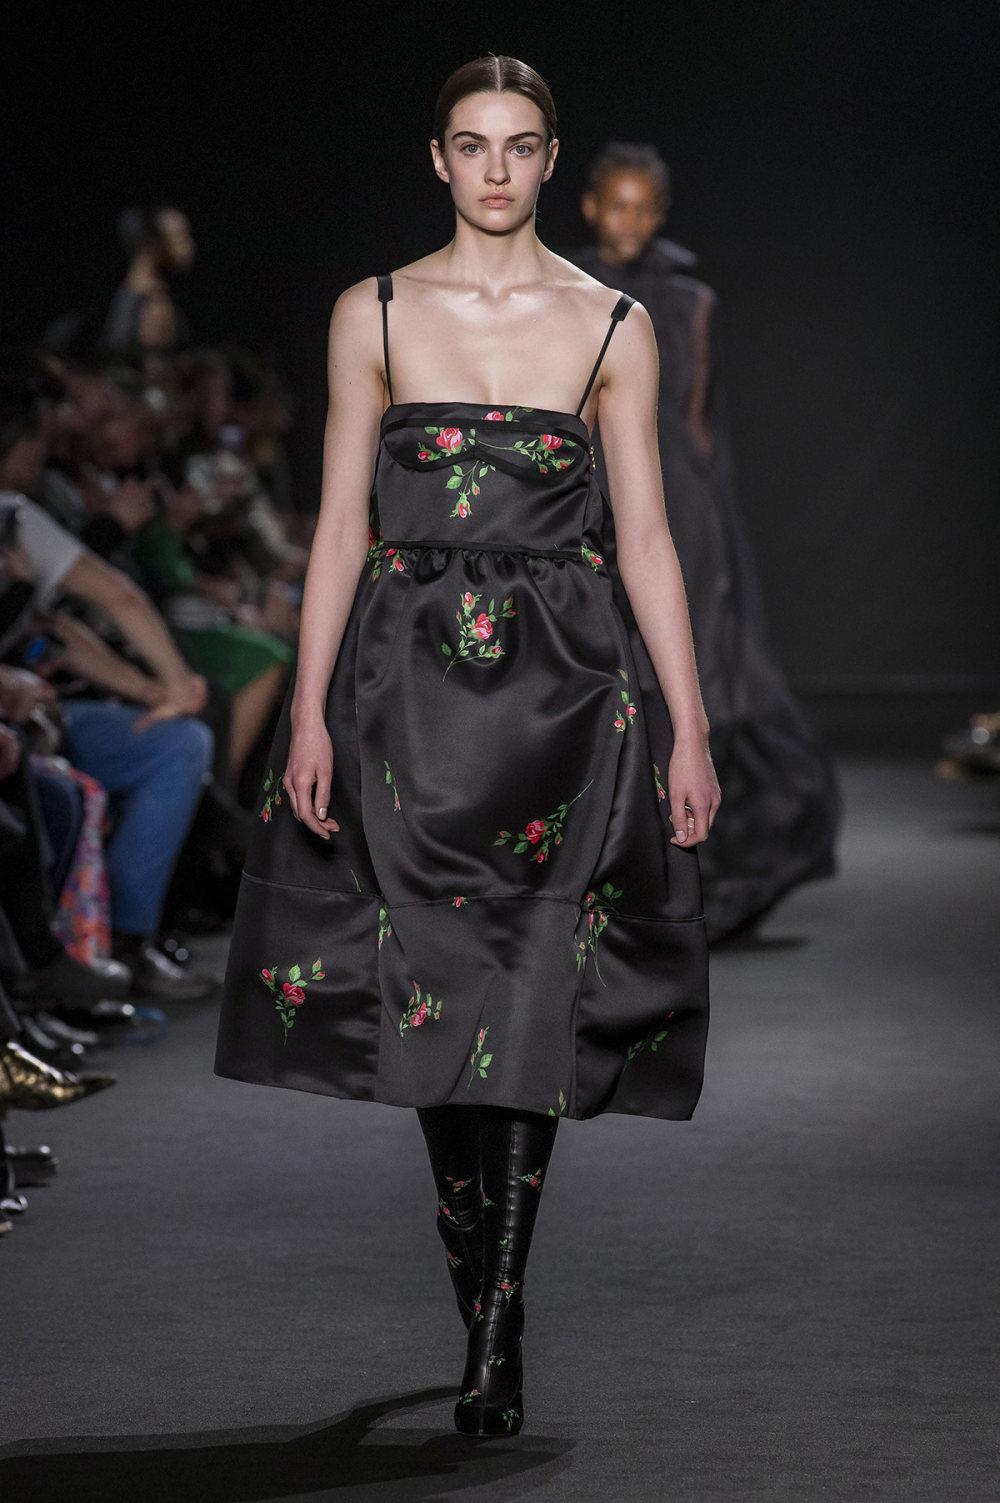 Rochas时装系列黑色无领斜纹软呢褶皱的黑色裙身饰有超细短袖衬衫-33.jpg